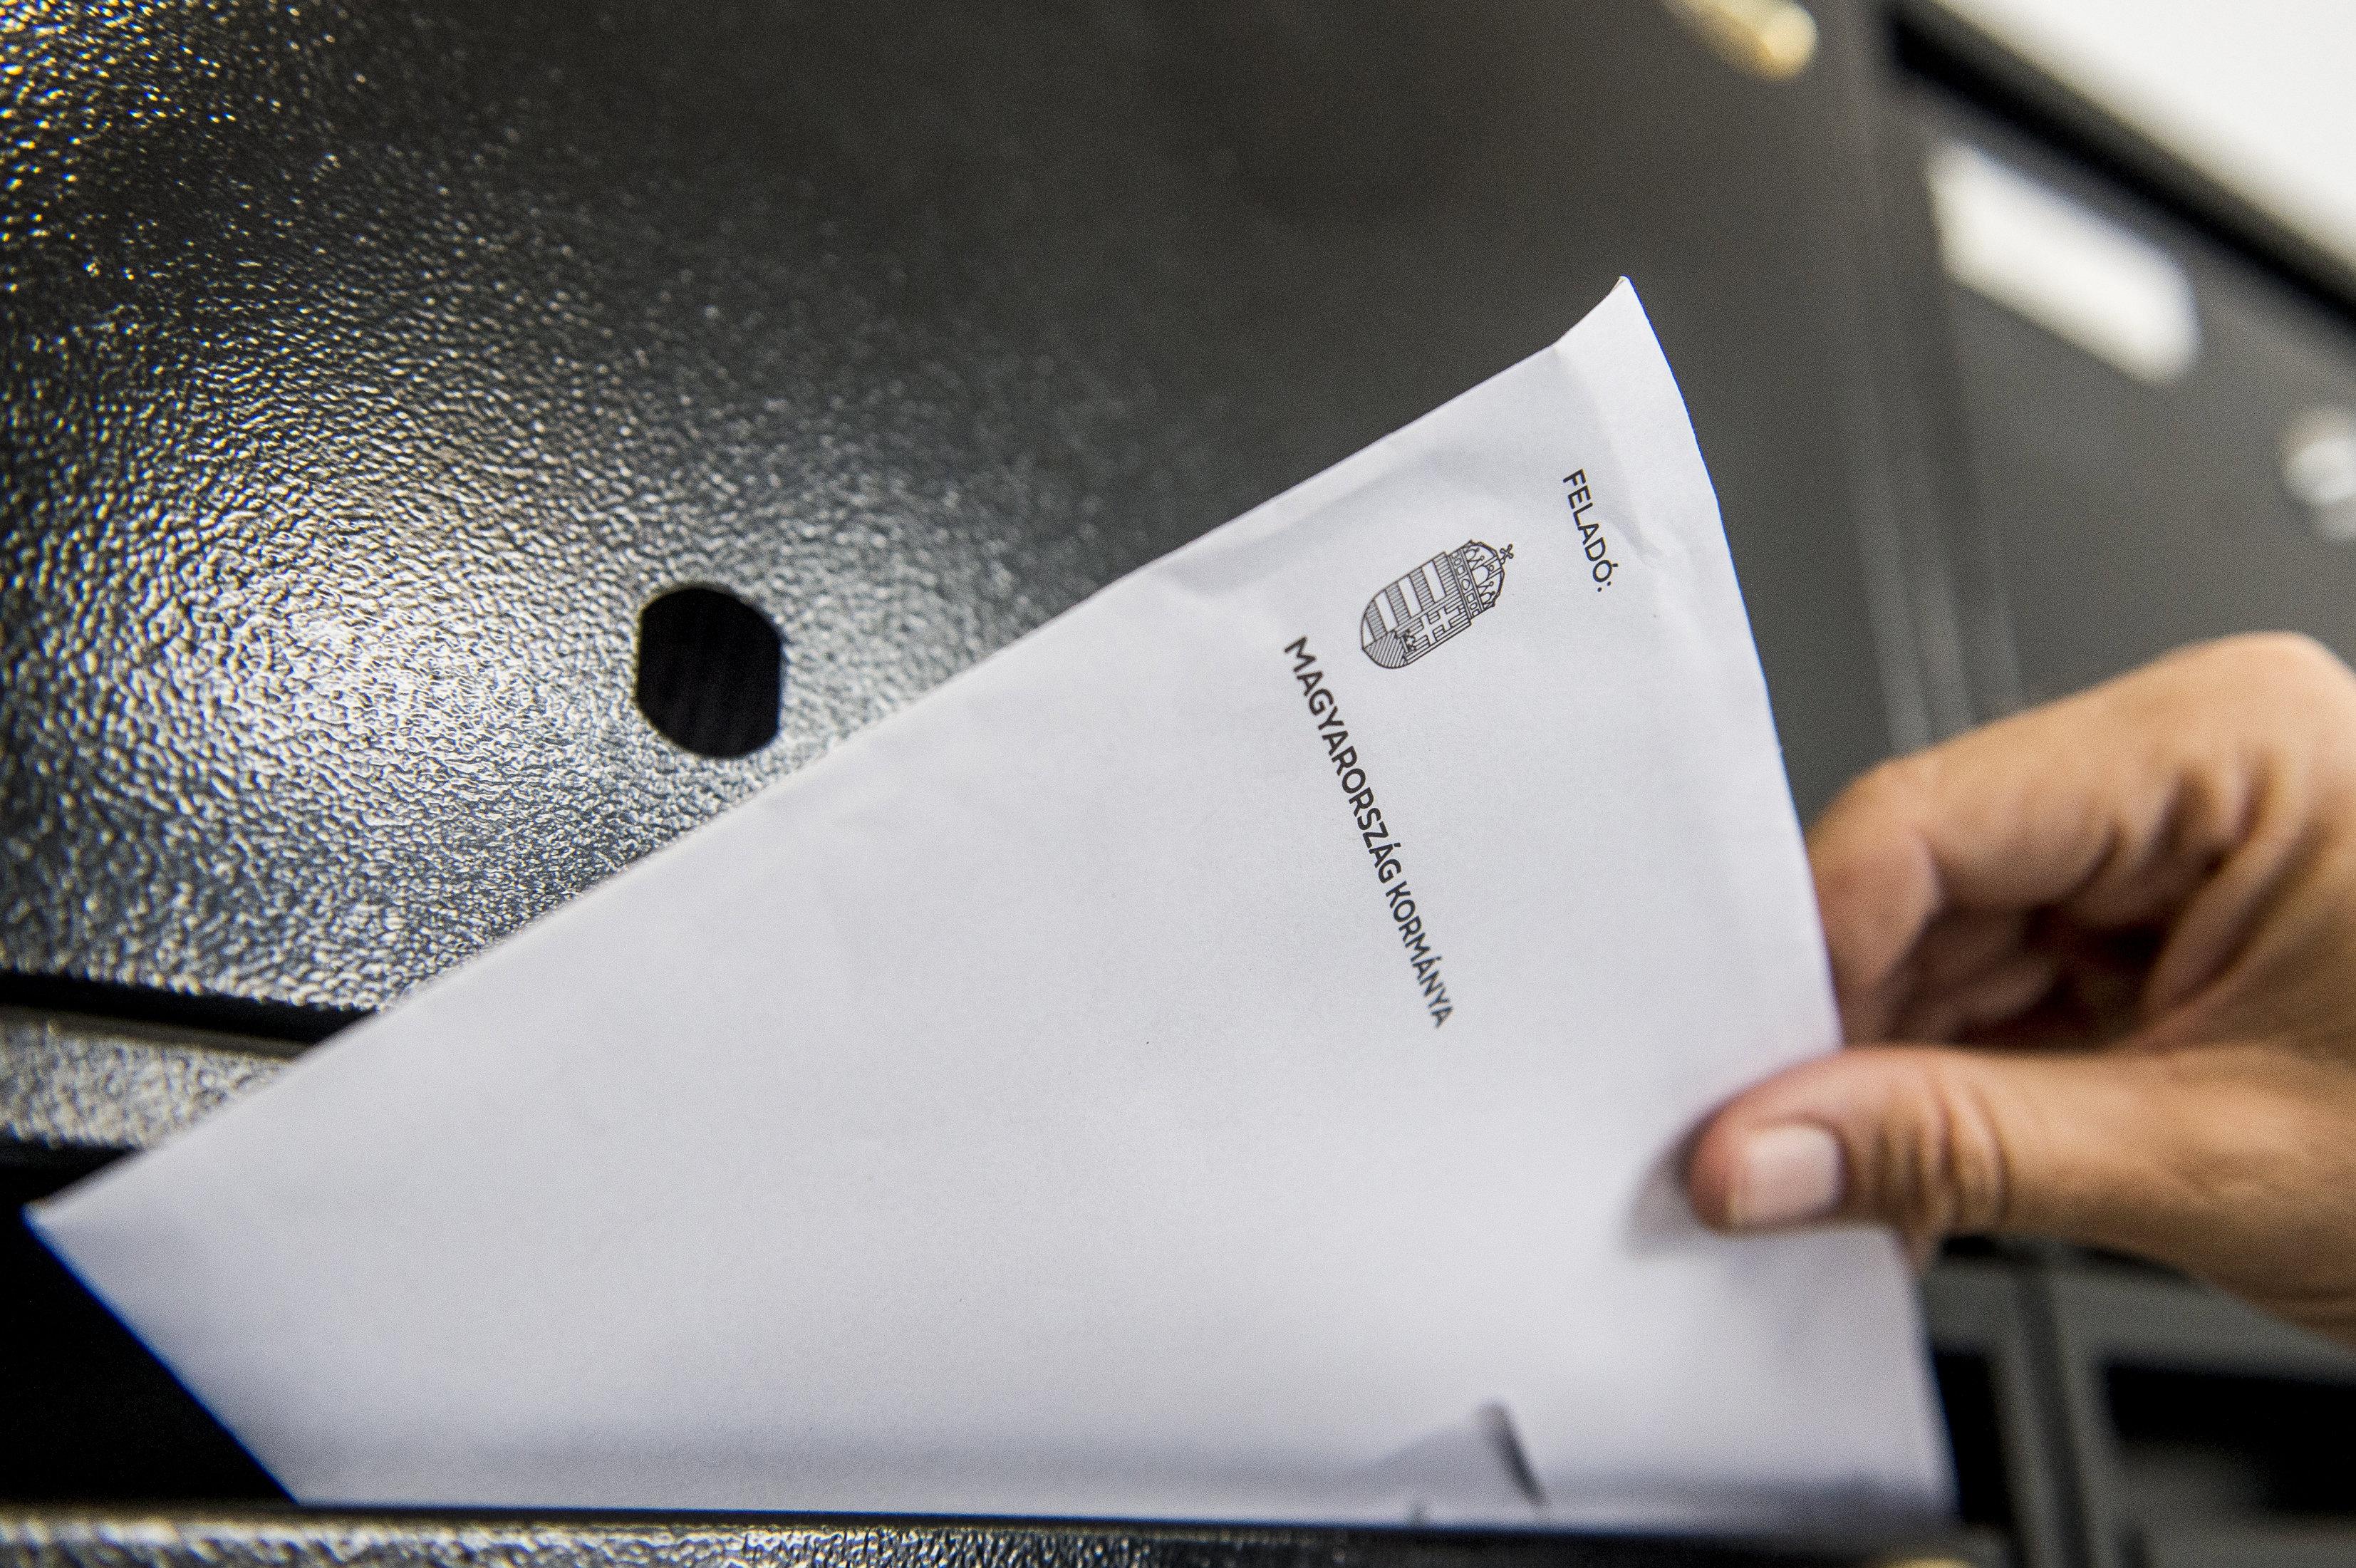 Laut der nationalen Konsultation wünscht man eine schrittweise Wiedereröffnung